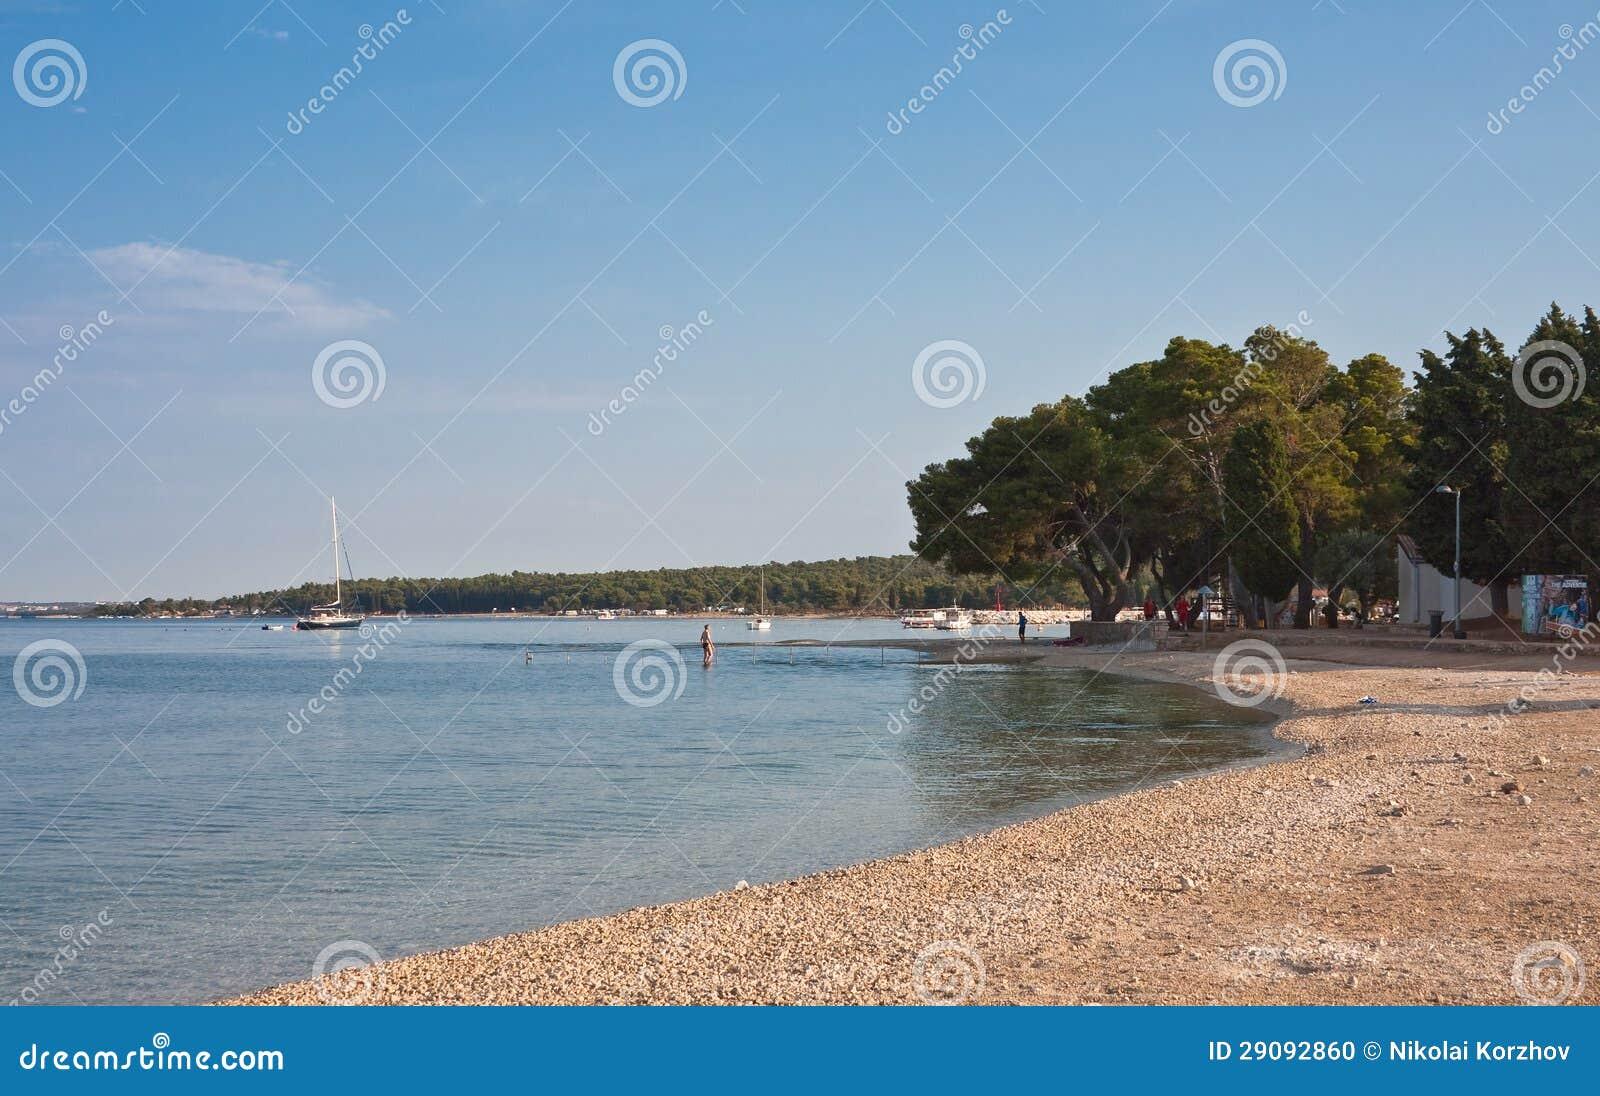 Beach in the early morning. Istria, Croatia